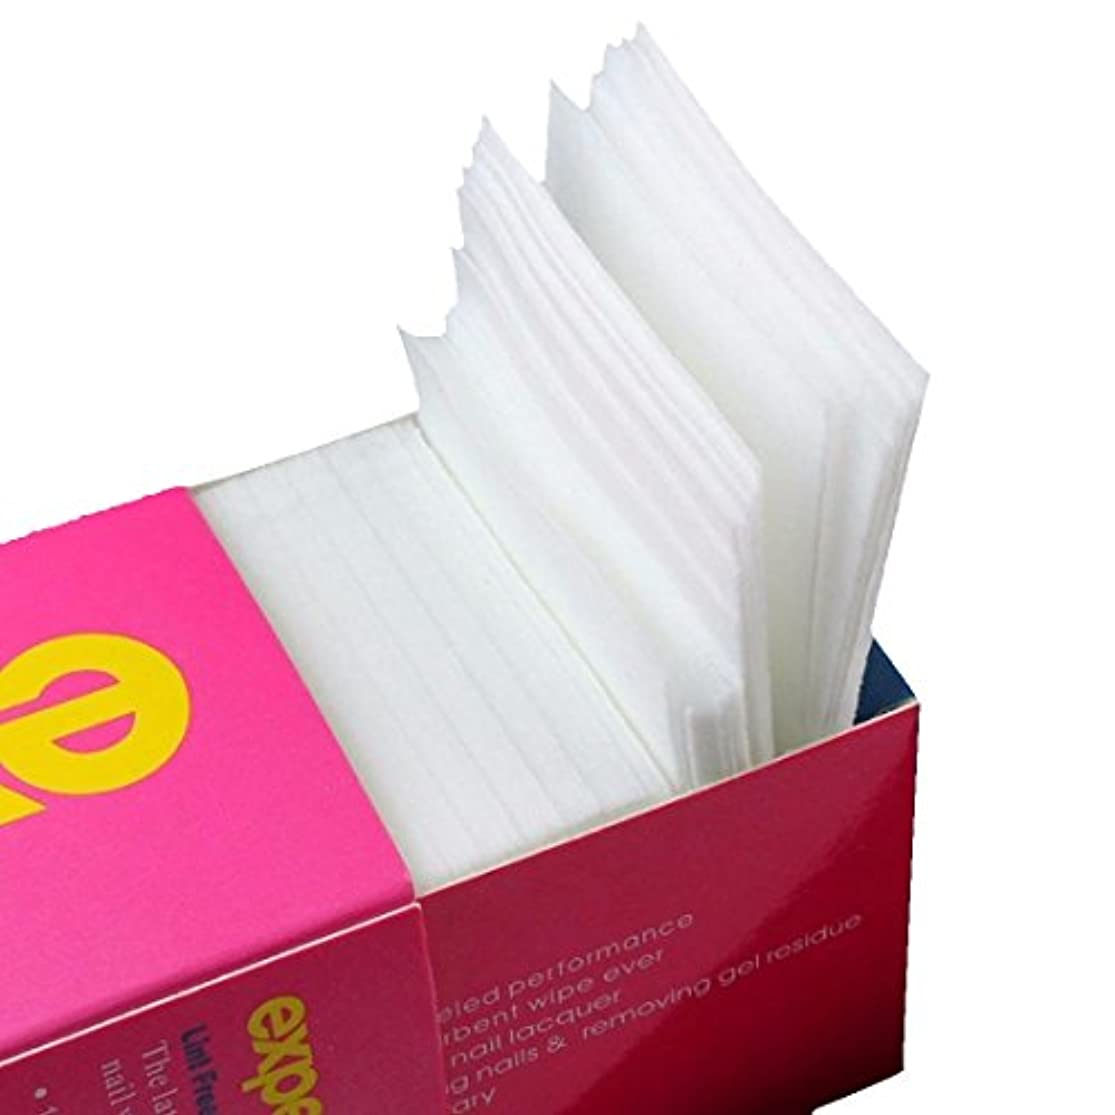 コンサルタント花輪子猫Semoic 325枚ネイルワイプリントフリーコットンパッド、ネイルジェル除去用不織布綿シートネイルポリッシュクリーニングパッド